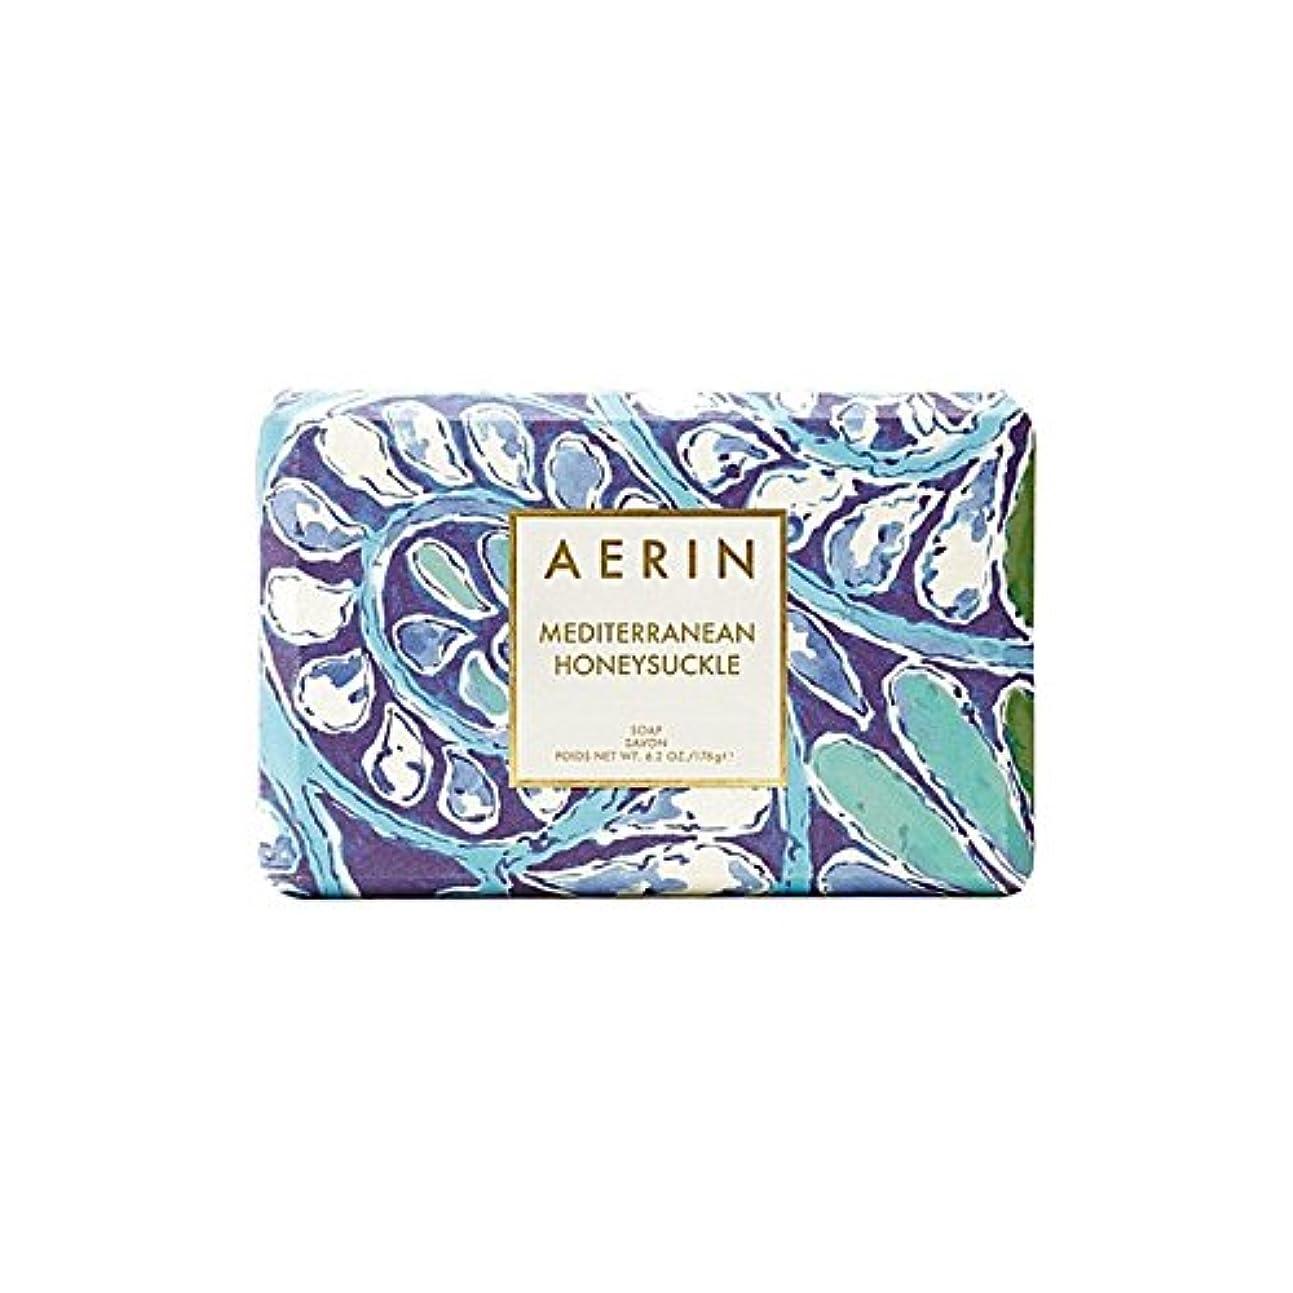 壁紙強制的許容スイカズラ固形石鹸176グラム x4 - Aerin Mediterrenean Honeysuckle Bar Soap 176G (Pack of 4) [並行輸入品]